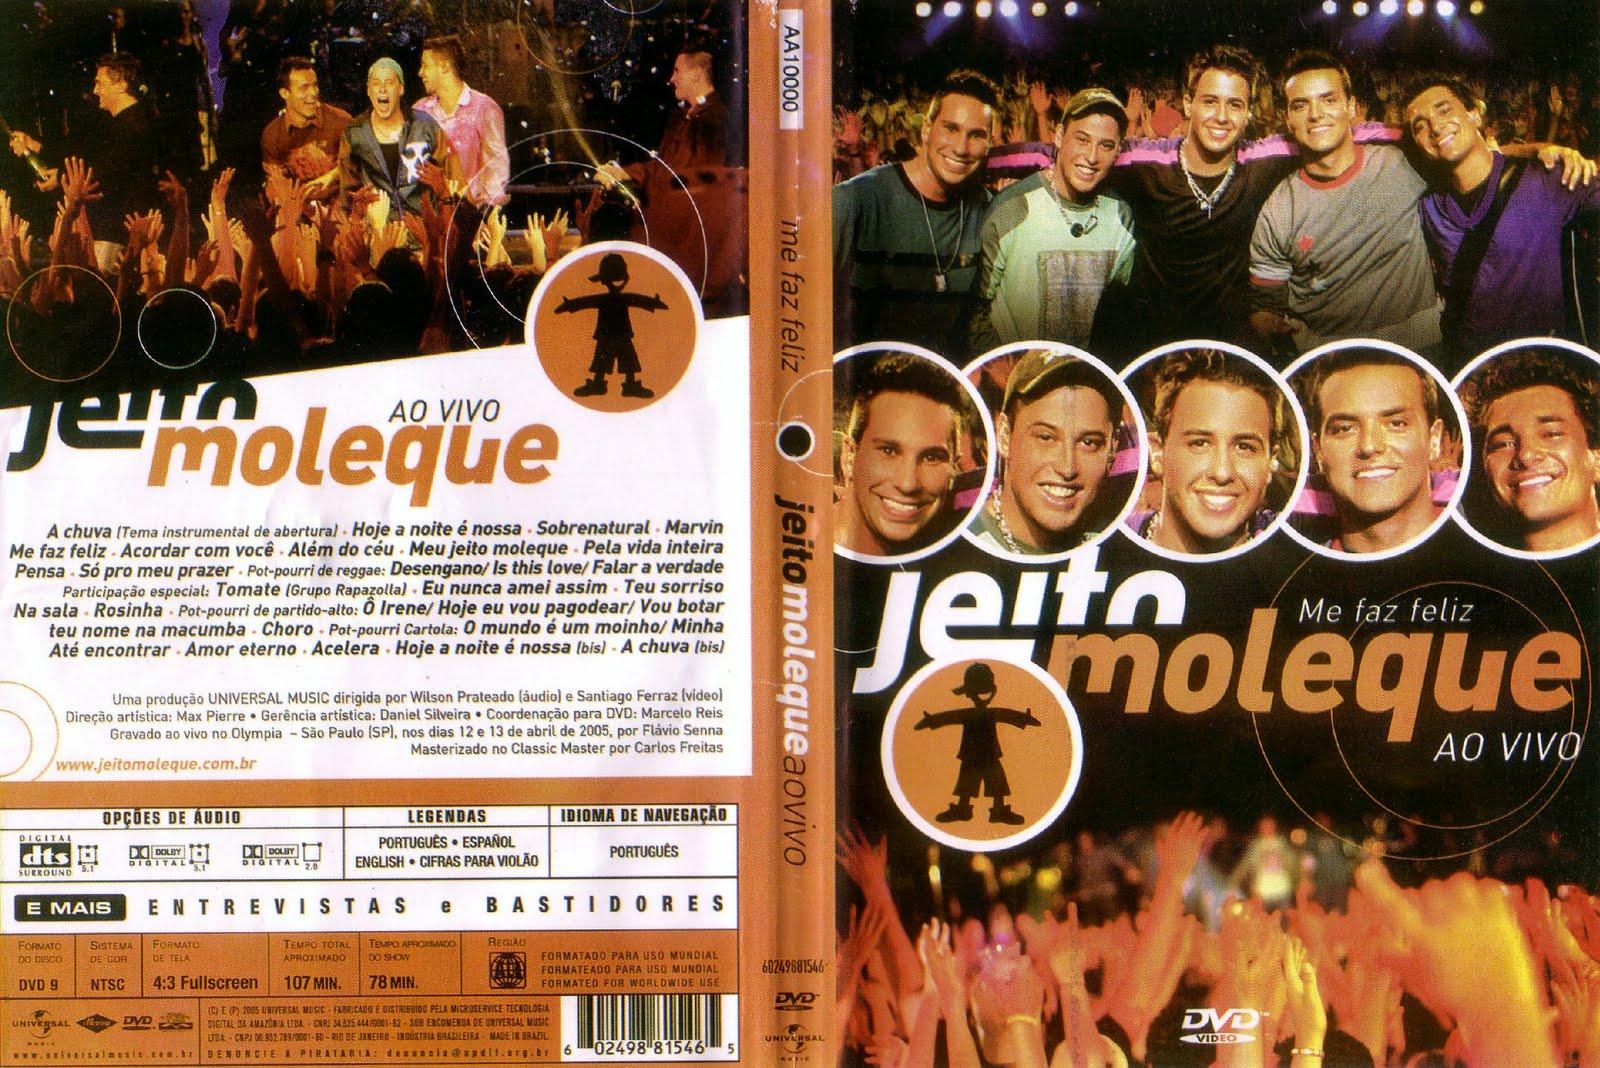 cd jeito moleque vivo 2011